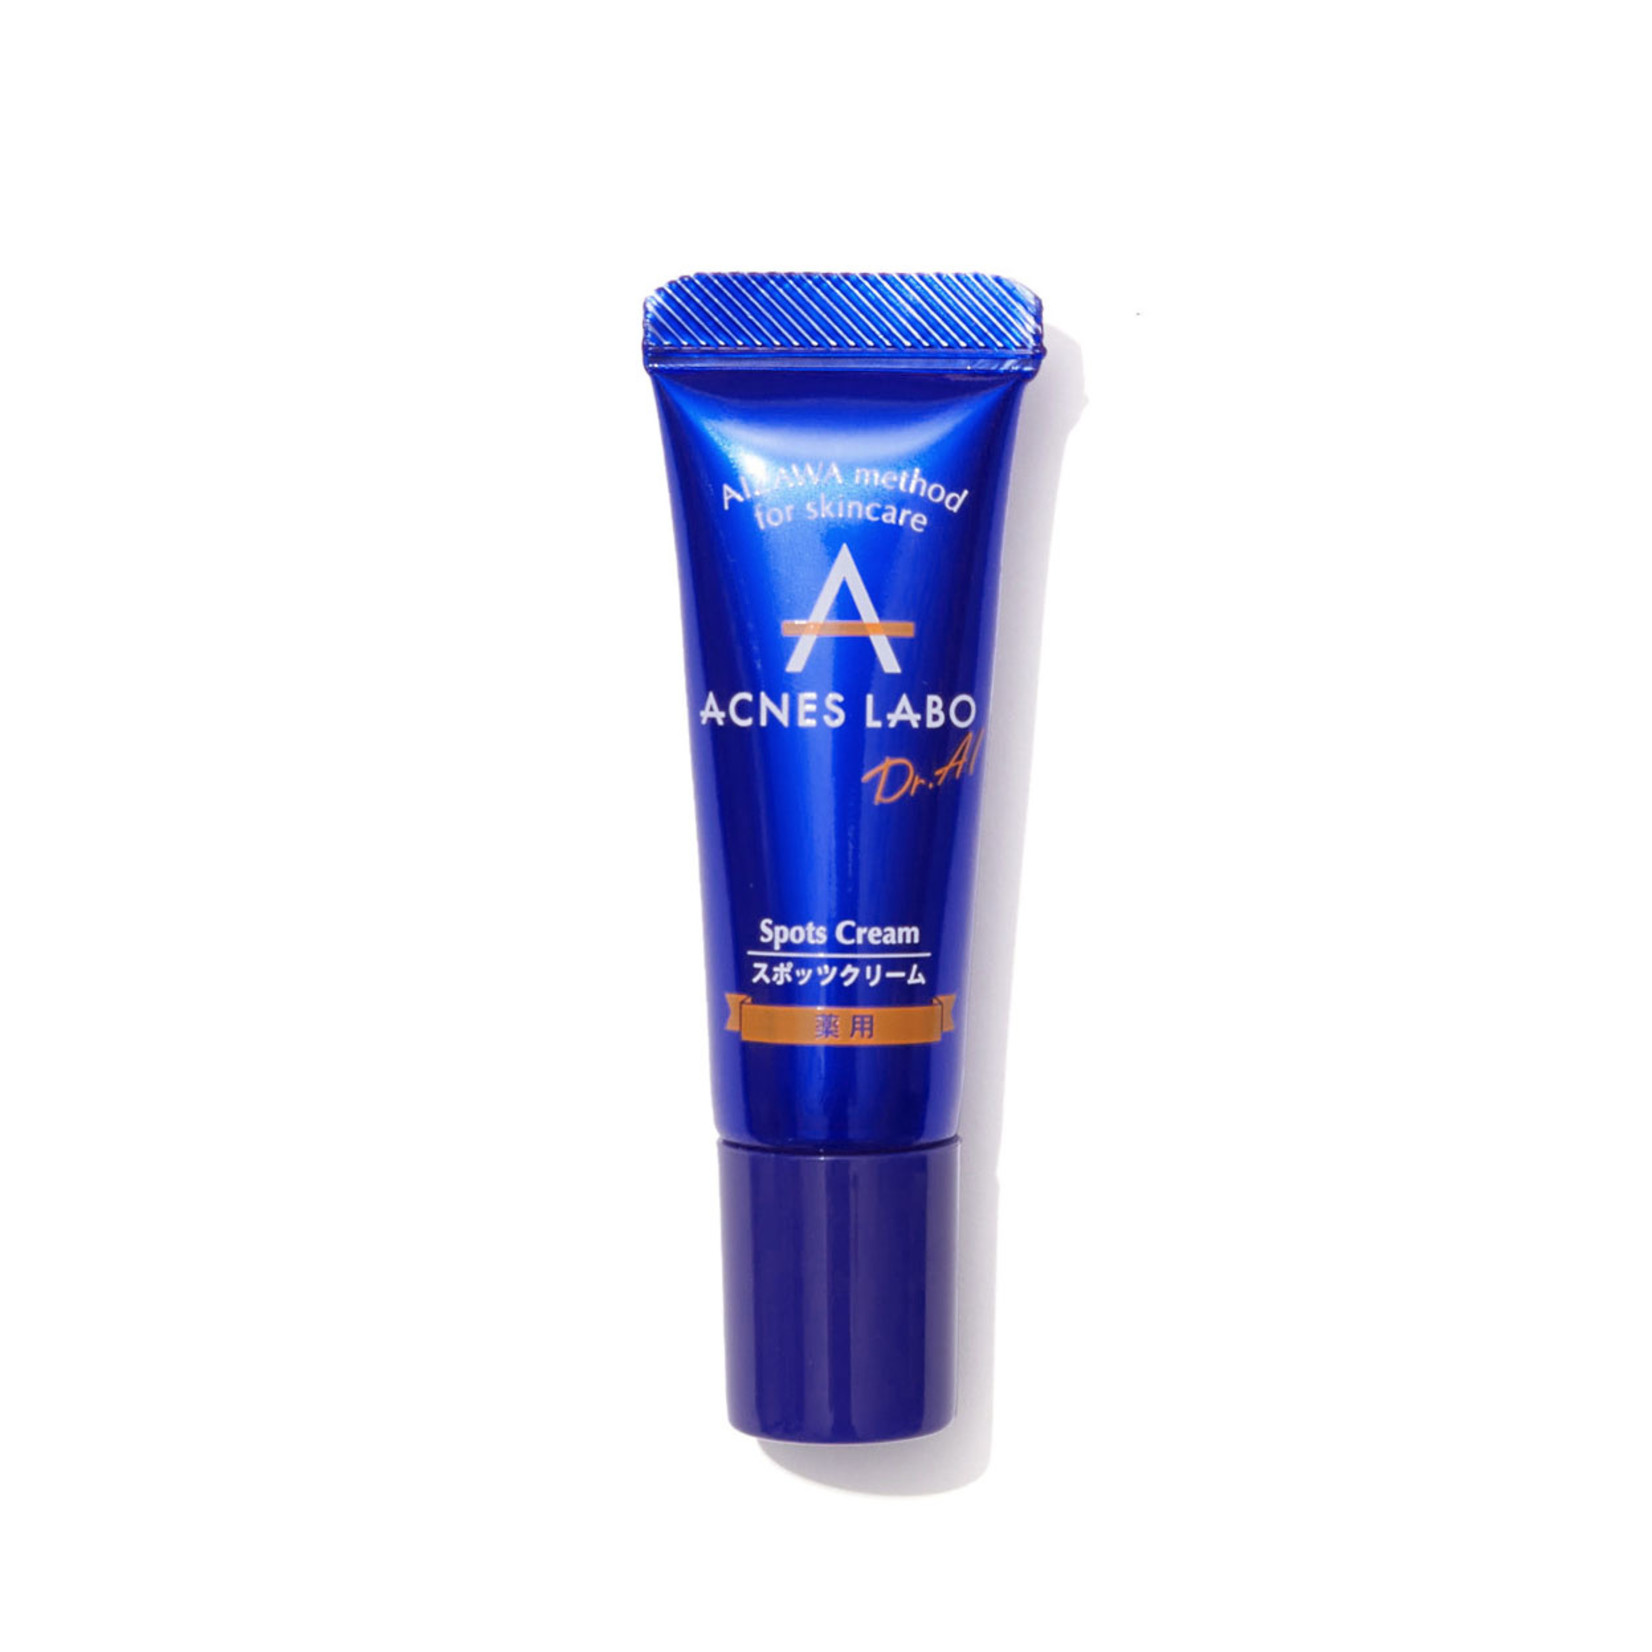 Acnes Labo Spots Cream 7g